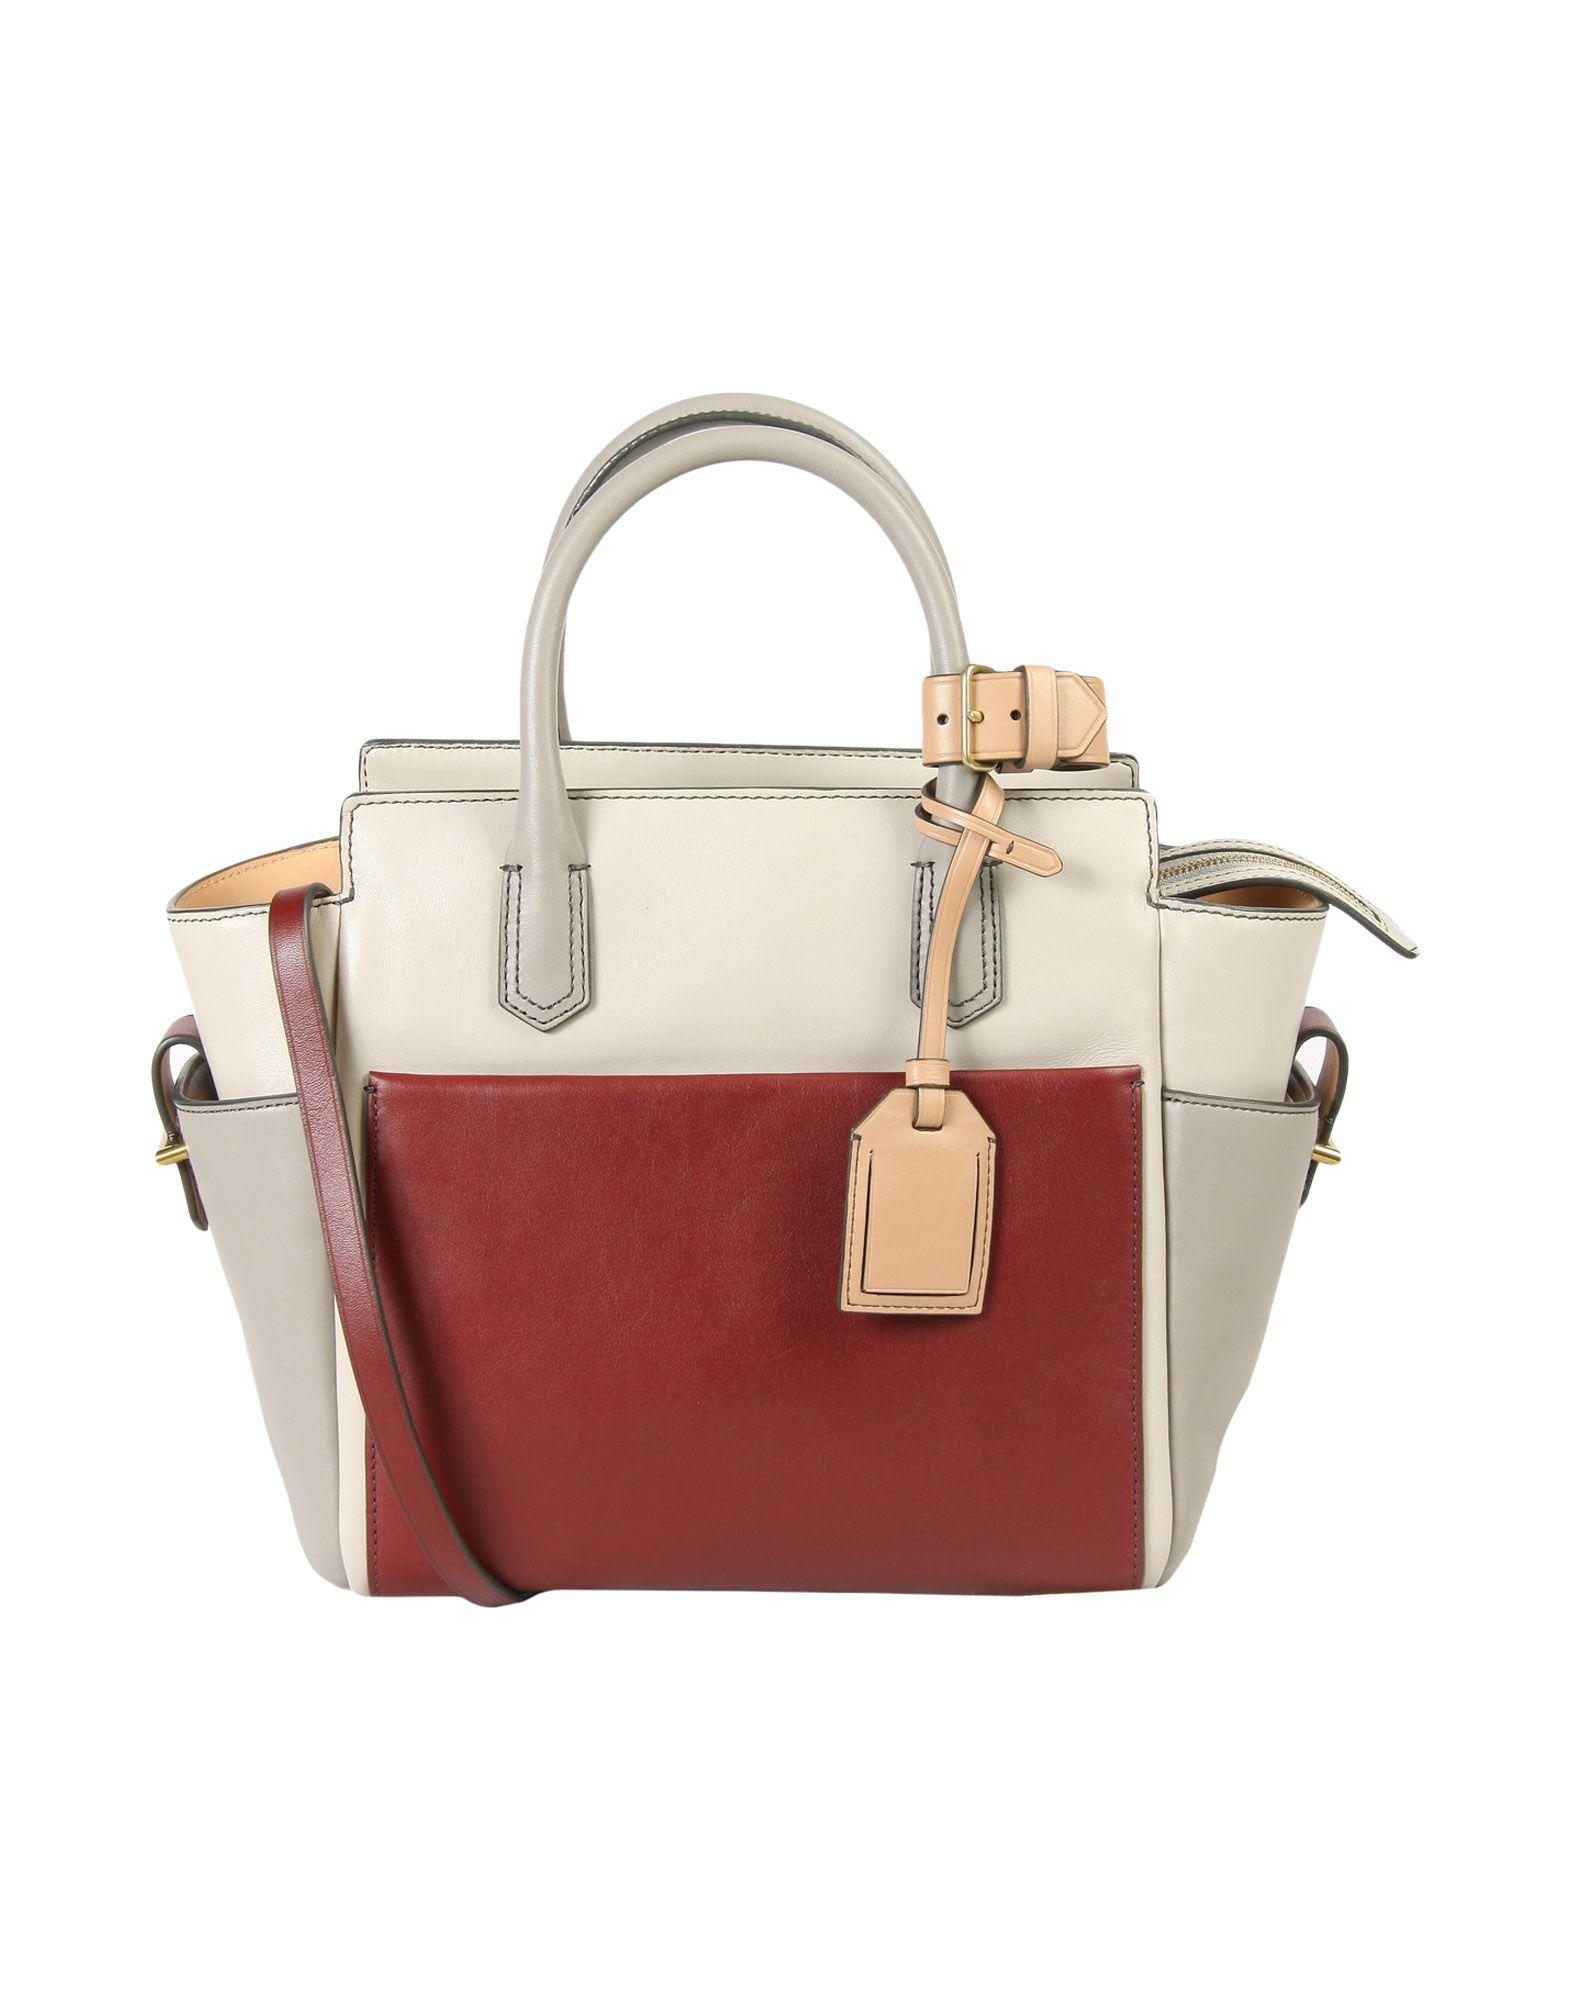 REED KRAKOFF Handbag in Light Grey